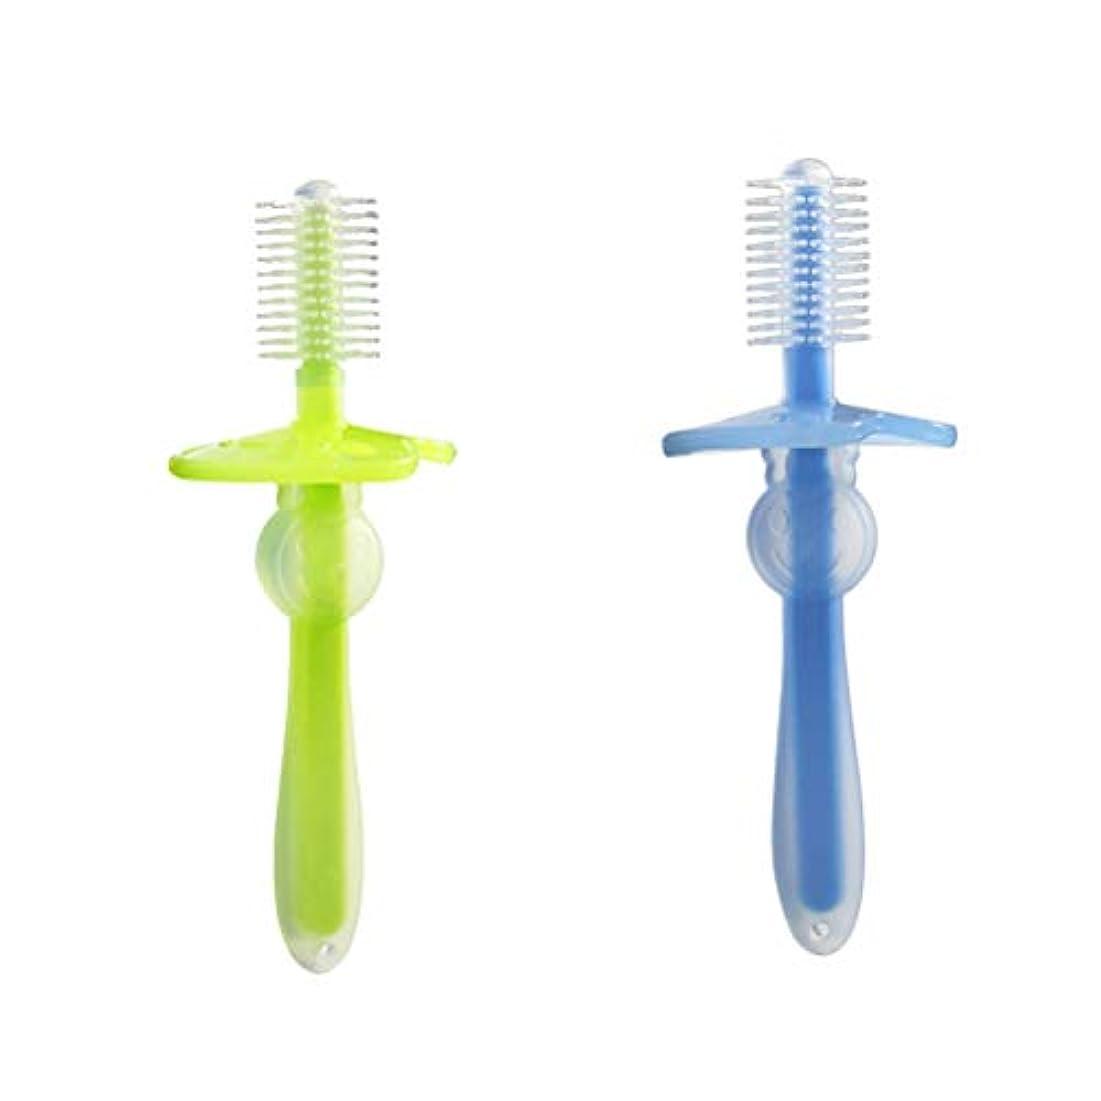 はい経済的北西Healifty 歯ブラシ シリコン 360°ベビー歯ブラシ 幼児 柔軟なトレーニング歯ブラシ 2ピース(緑と青)